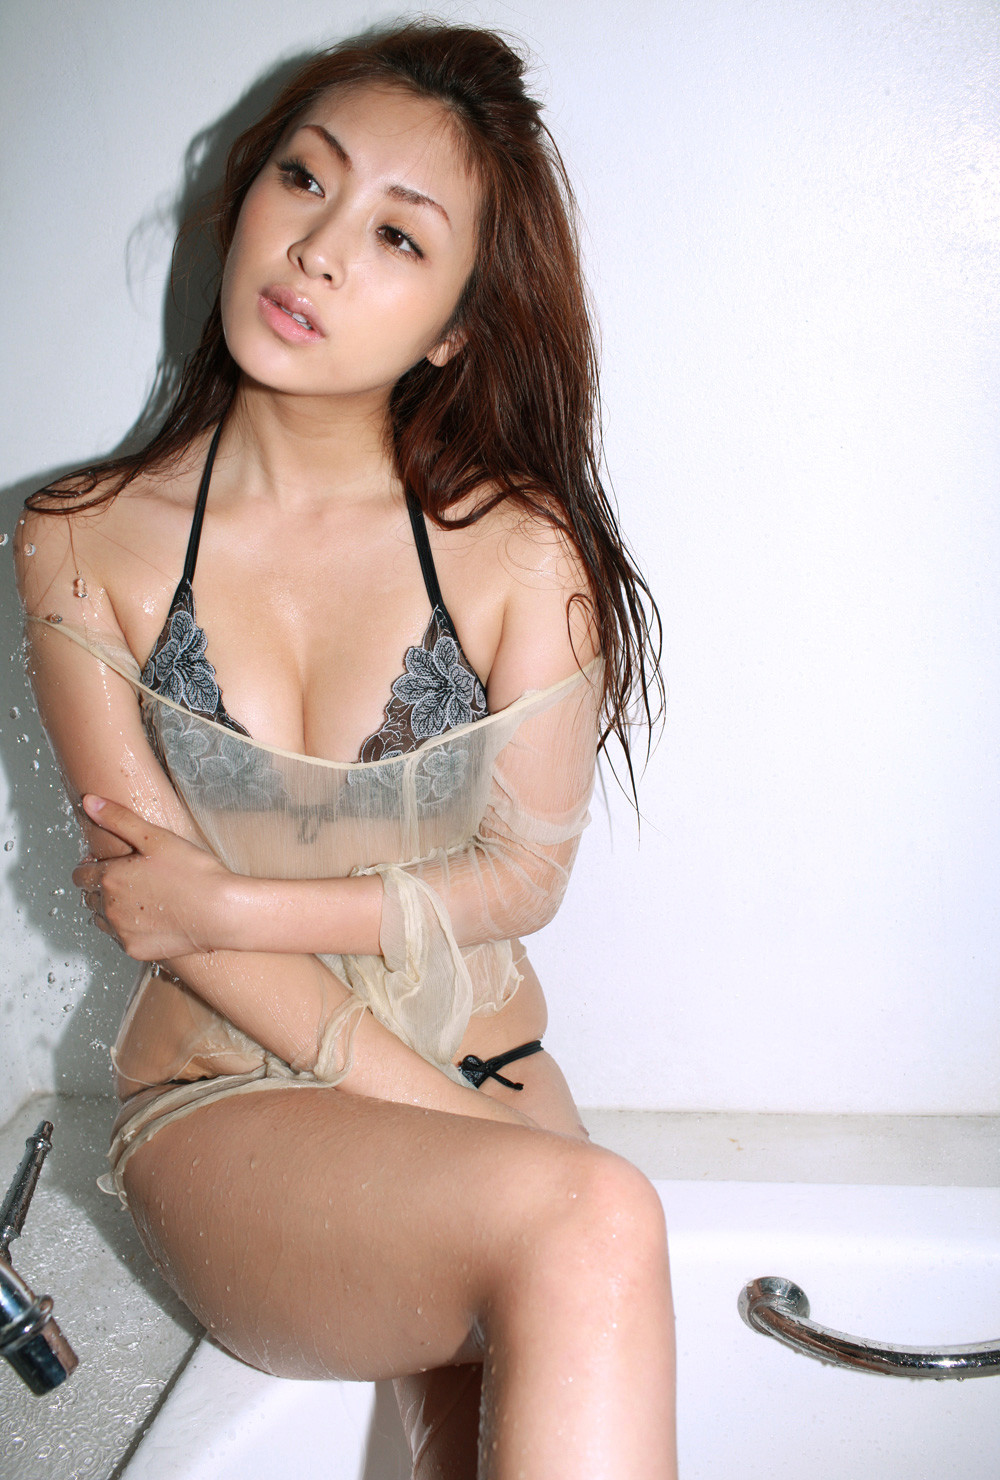 辰巳奈都子 画像 52